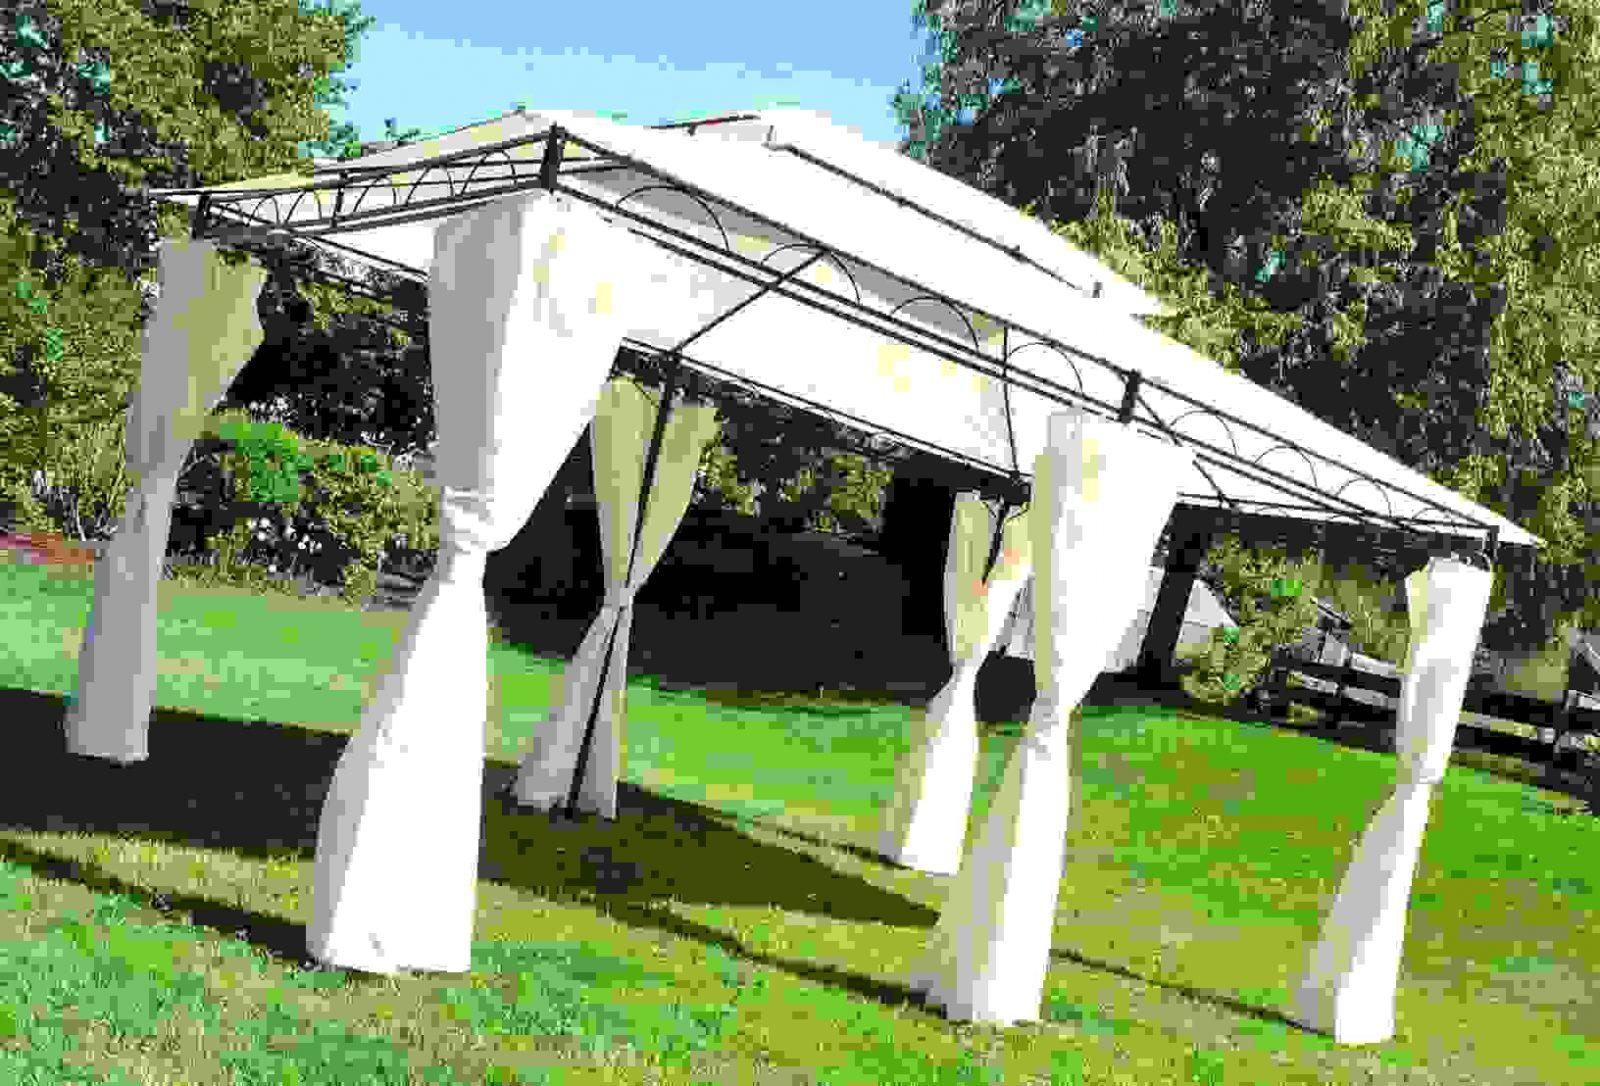 Luxus 40 Pavillon 3X4 Wasserdicht Stabil Planen  Einzigartiger Garten von Pavillon 3X4 Wasserdicht Stabil Photo